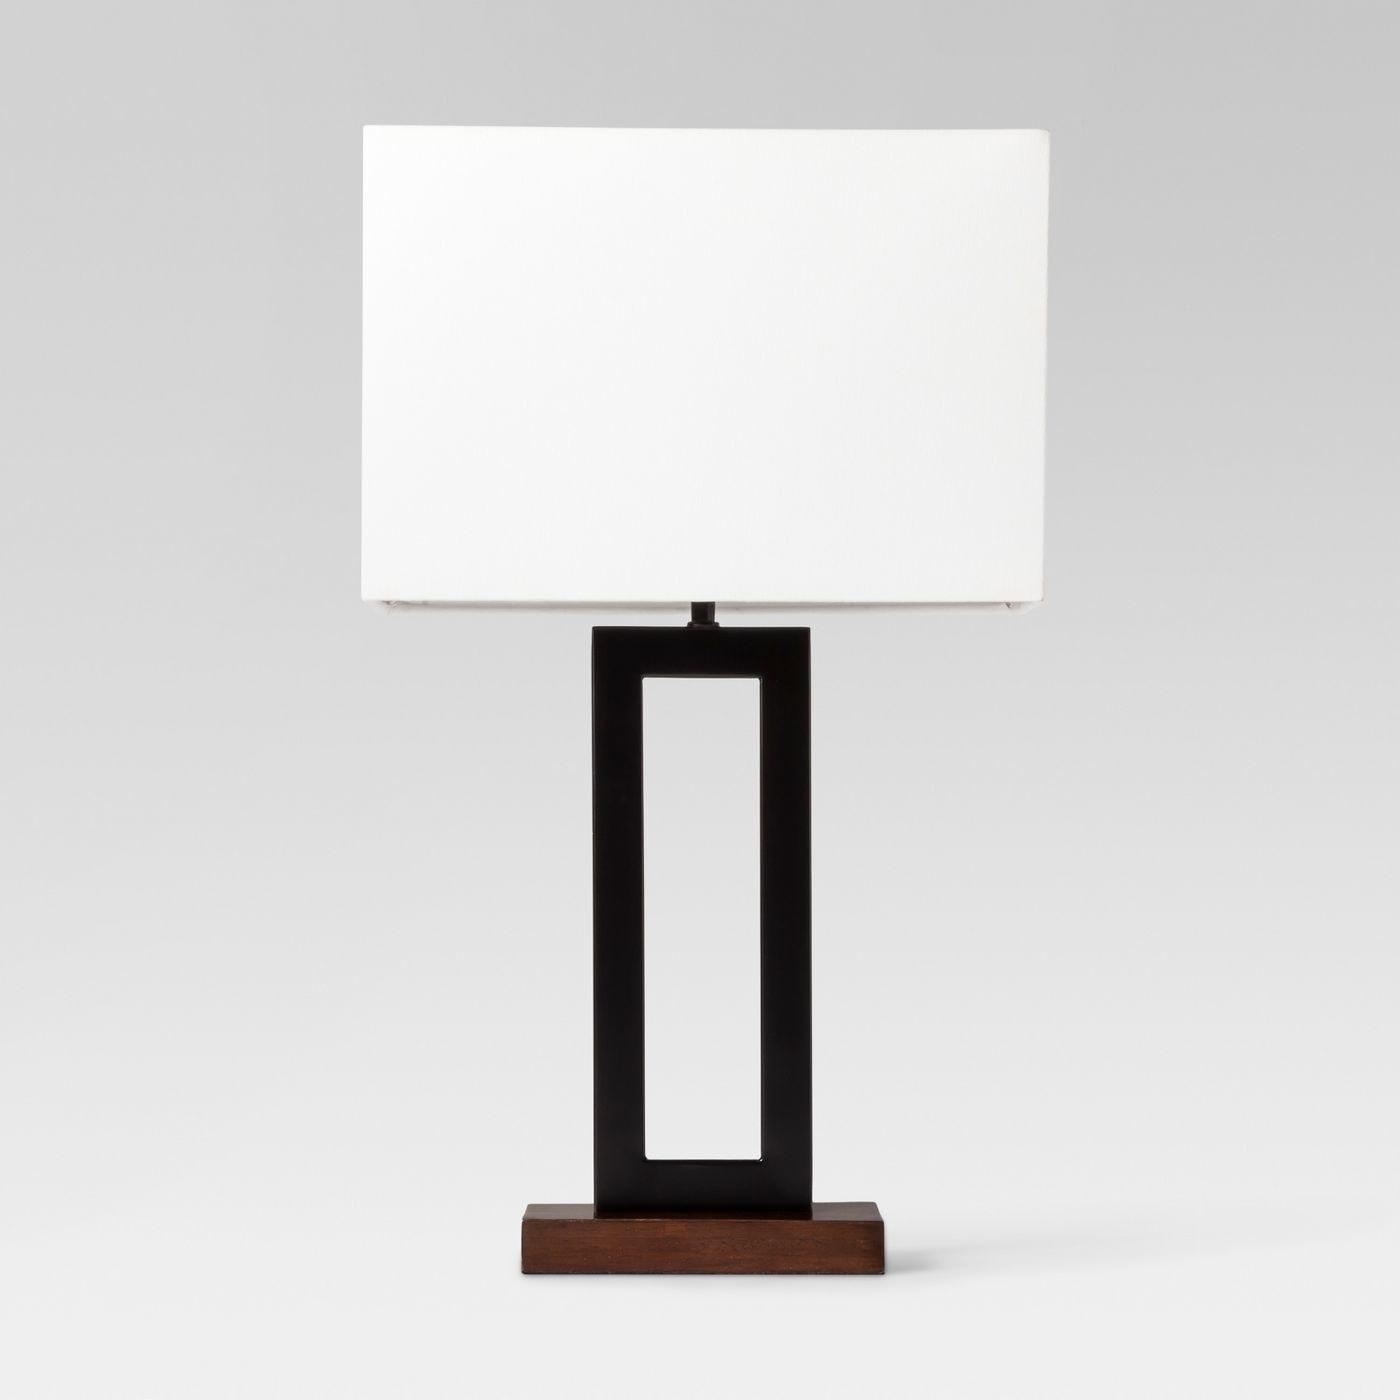 A black window pane lamp